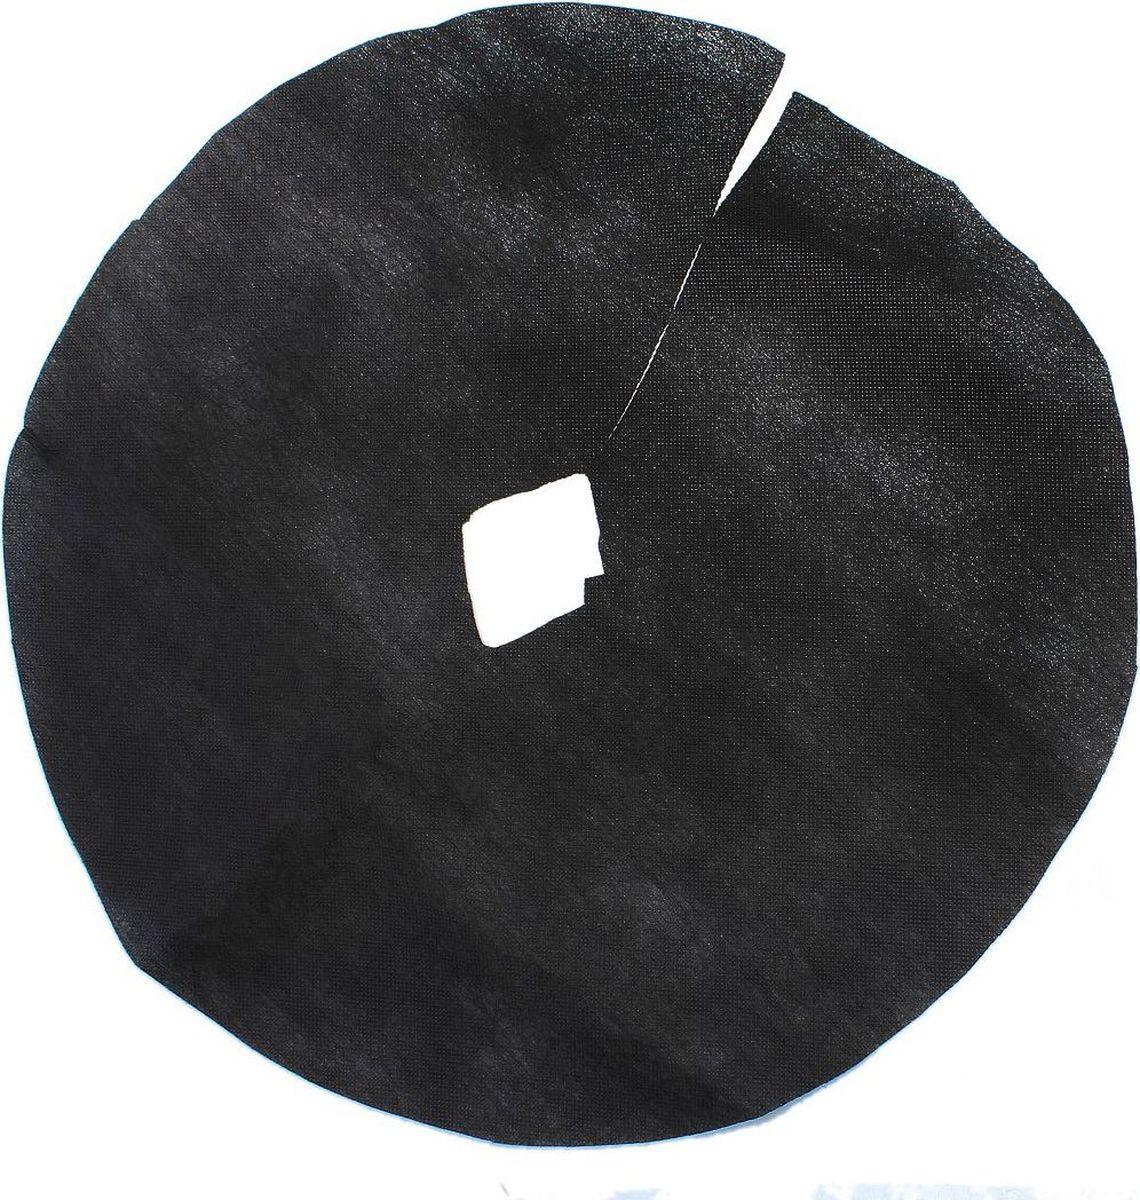 Круг приствольный Агротекс, цвет: черный, диаметр 0,6 м, 10 штC0038550Используя приствольный круг Агротекс, есть несколько преимуществ:-вы можете навсегда забыть о прополке и придать своему саду аккуратный, ухоженный вид;-вы защитите свои посадки от холода и поможете им пережить резкие колебания температур;-вы улучшите аэрацию и дренаж почвы;-вы сохраните влагу и уменьшите испарение.Круг экологичен и прост в использовании: взрыхлите и разровняйте почву вокруг ствола, расстелите приствольный круг (сторона не имеет значения) и надёжно присыпьте края землёй или гравием. Теперь вы можете не беспокоиться о своих деревьях и кустарниках: на ближайшие три сезона это работа для Агротекс.